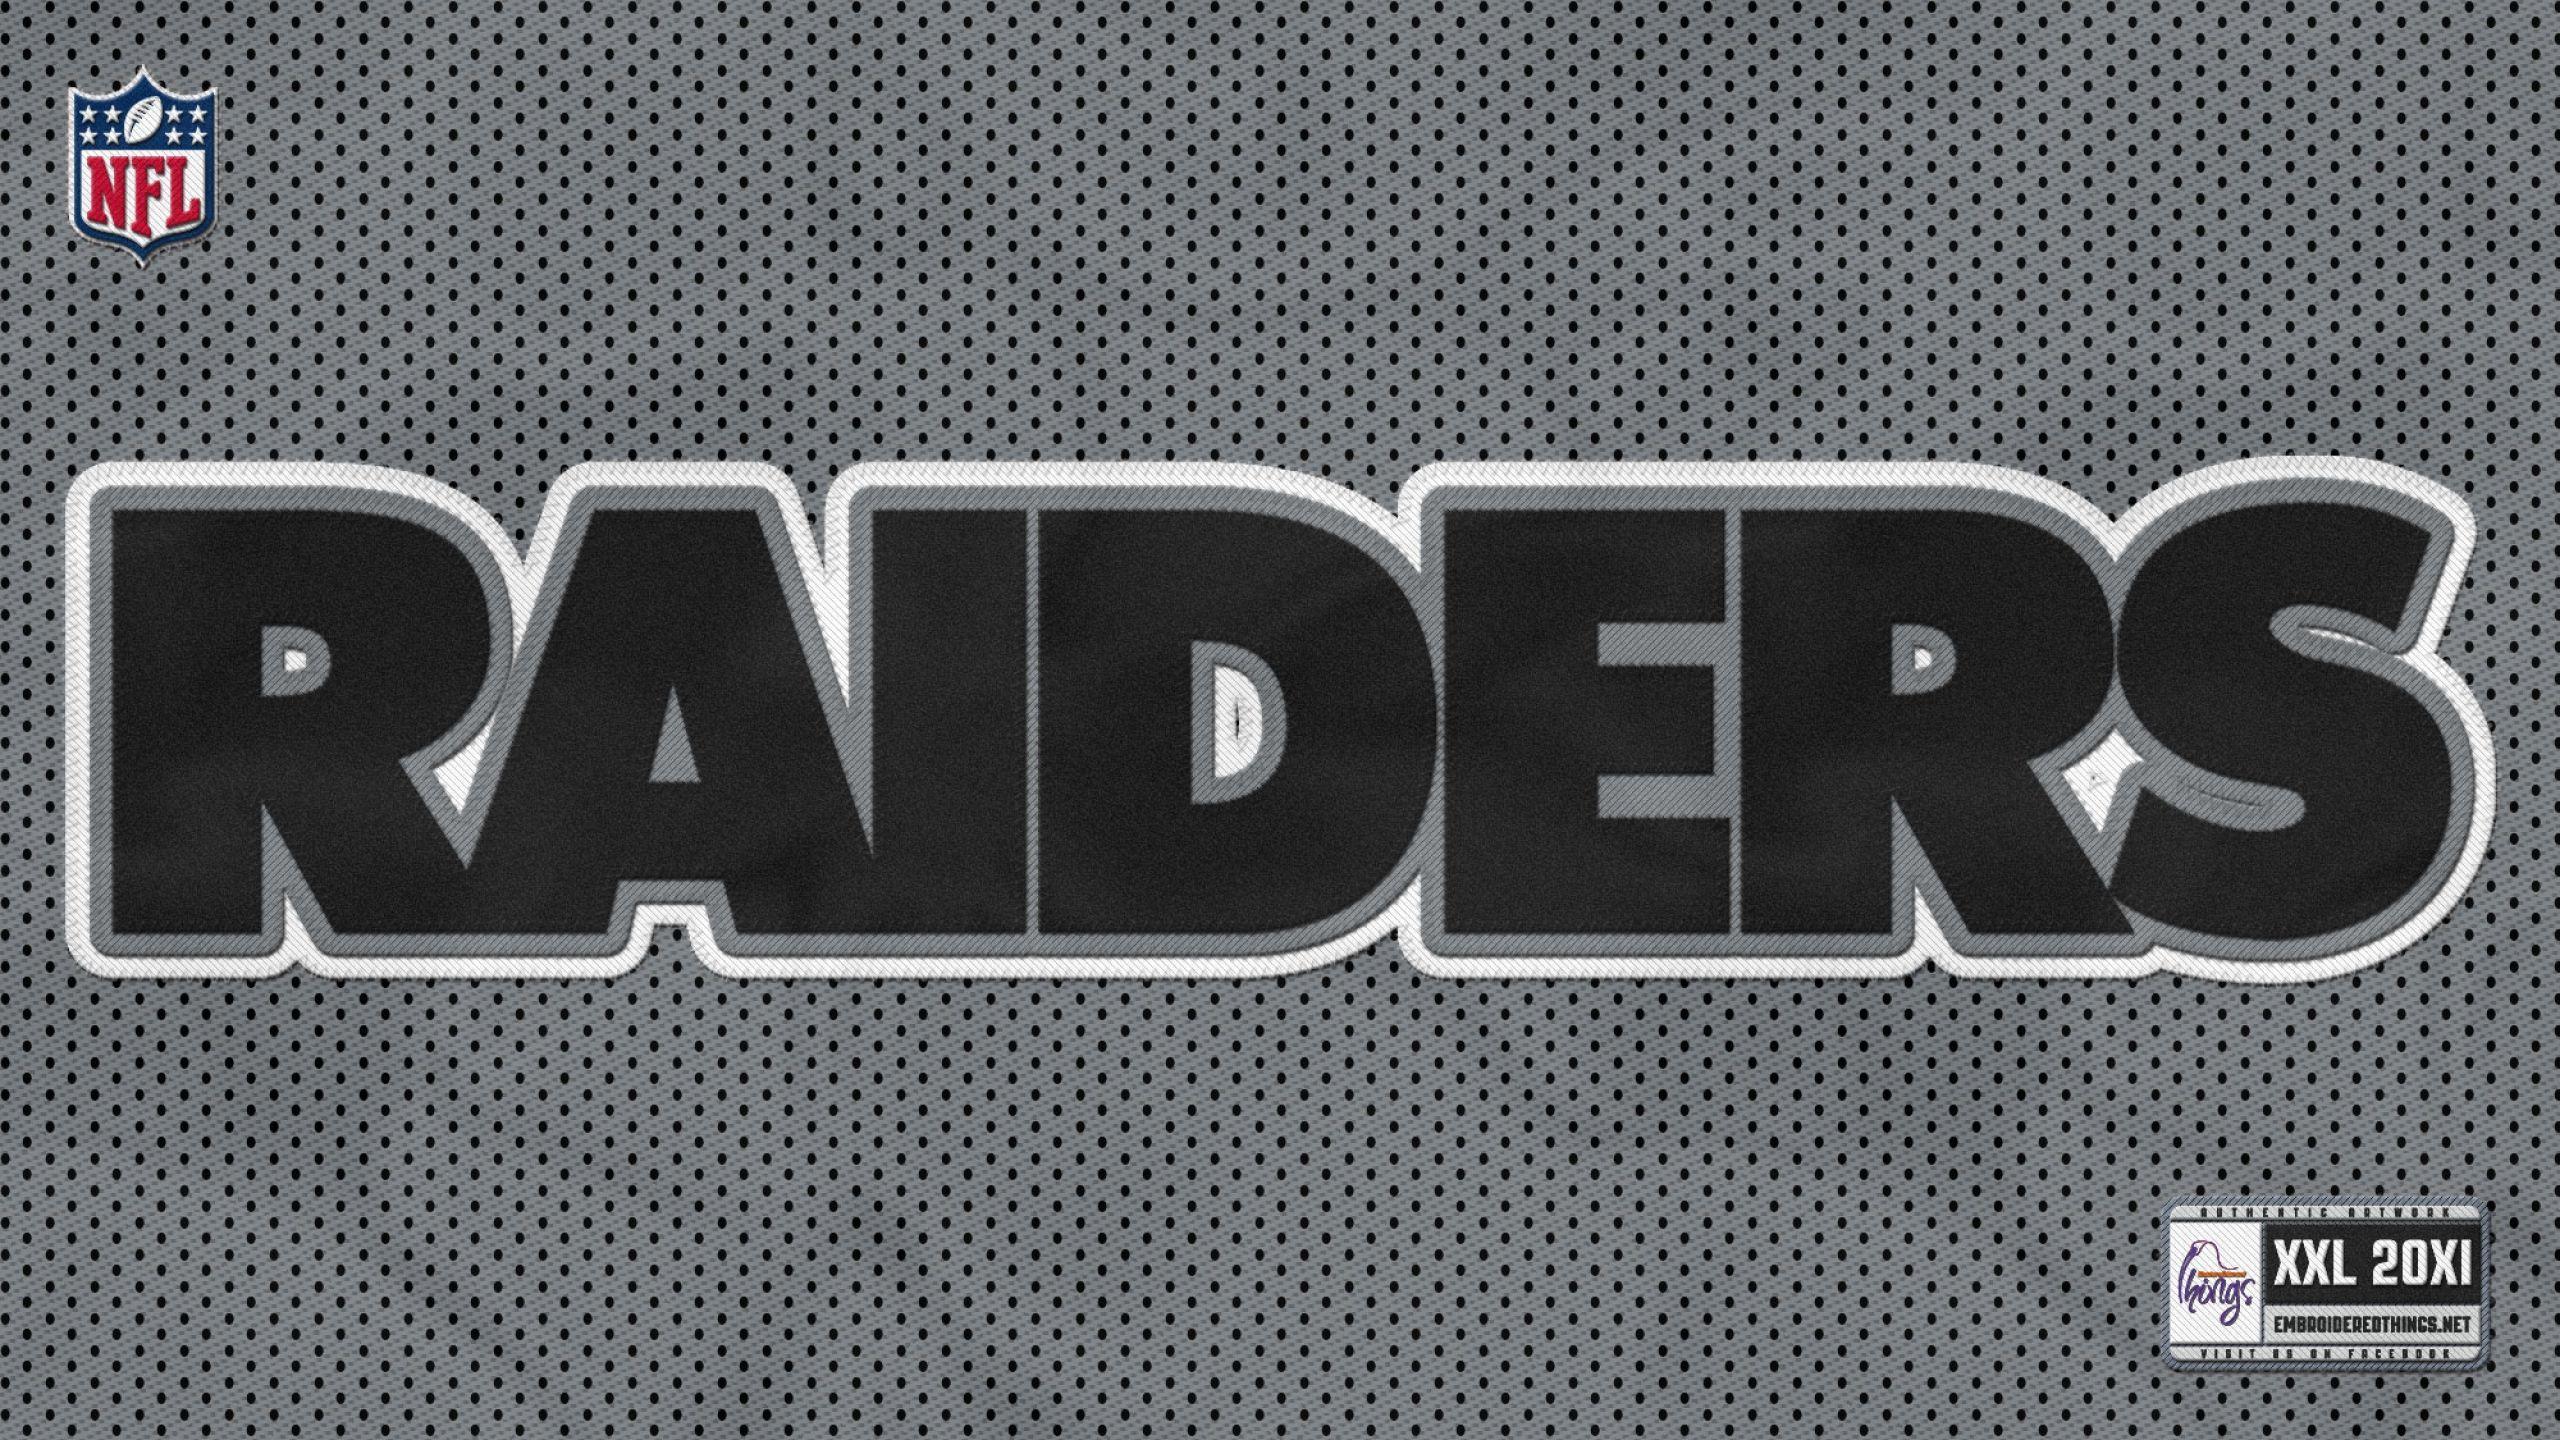 Raiders background